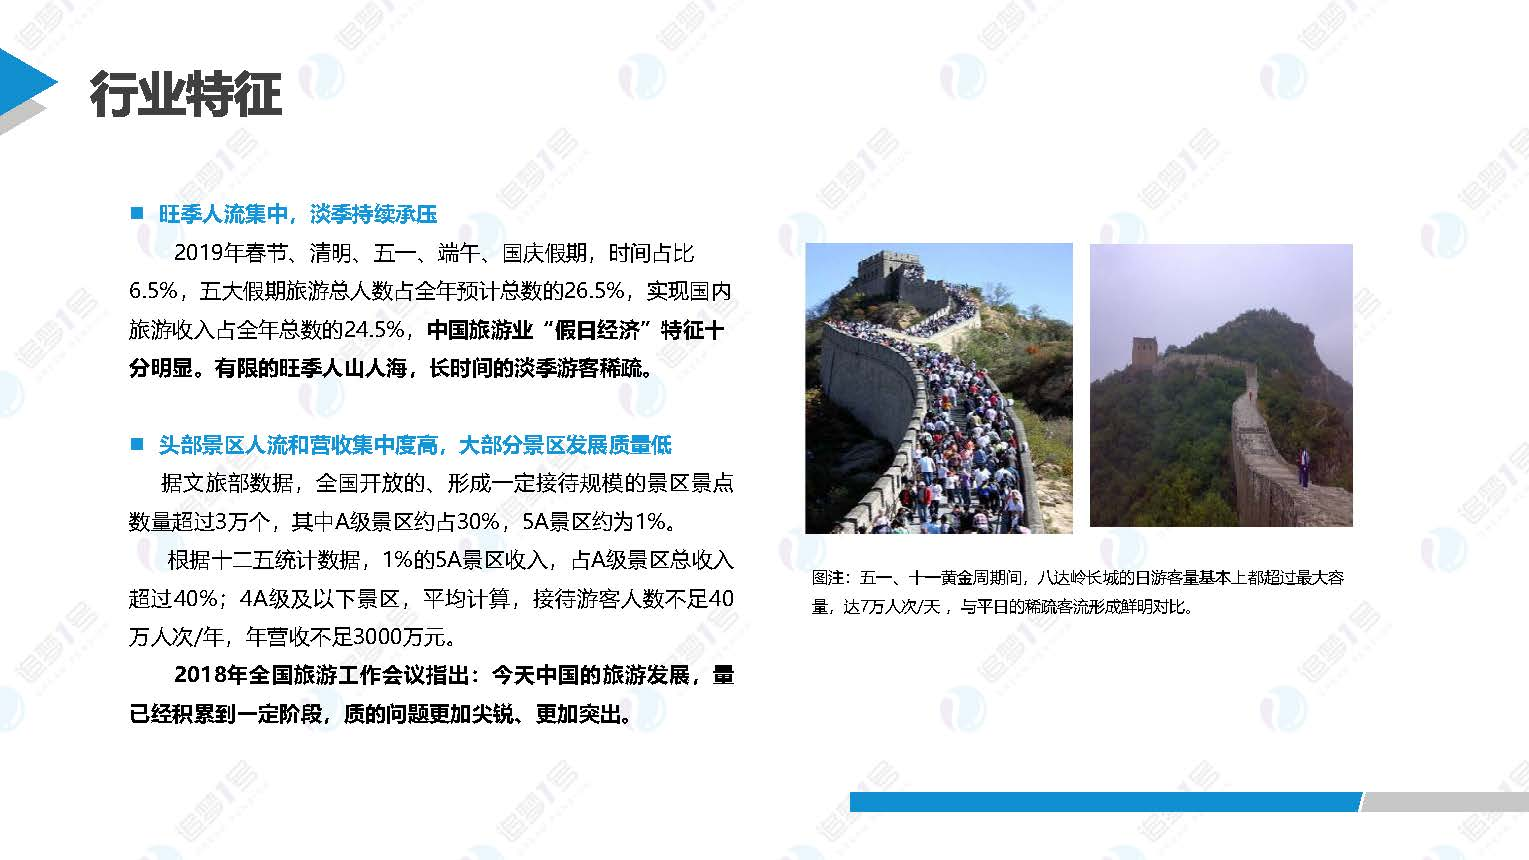 中国旅游行业研究 _页面_04.jpg